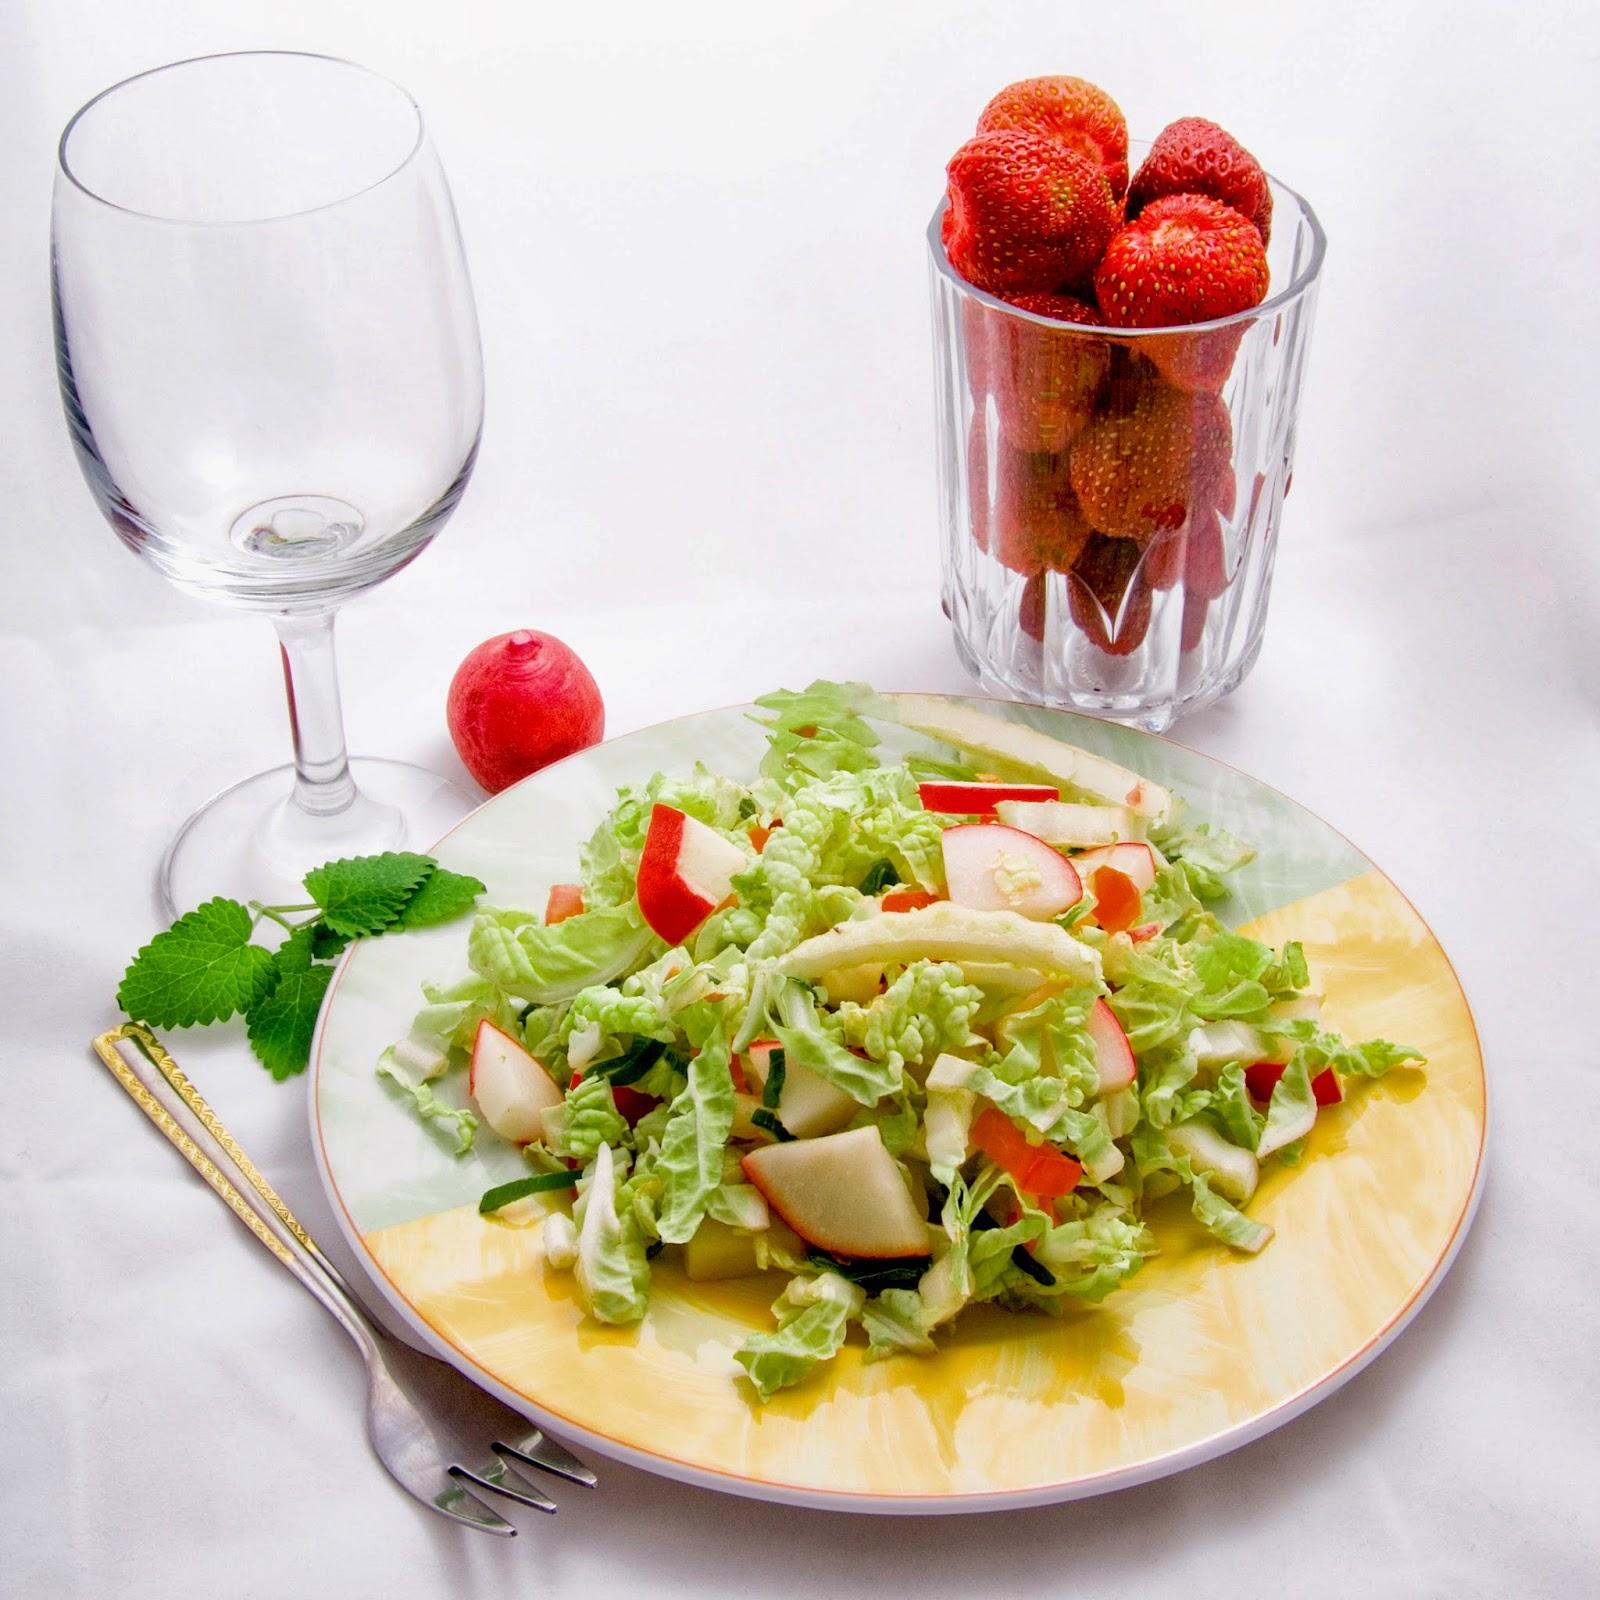 Nutrici n y salud hidratos de carbono por la noche engordan - Alimentos que engordan por la noche ...